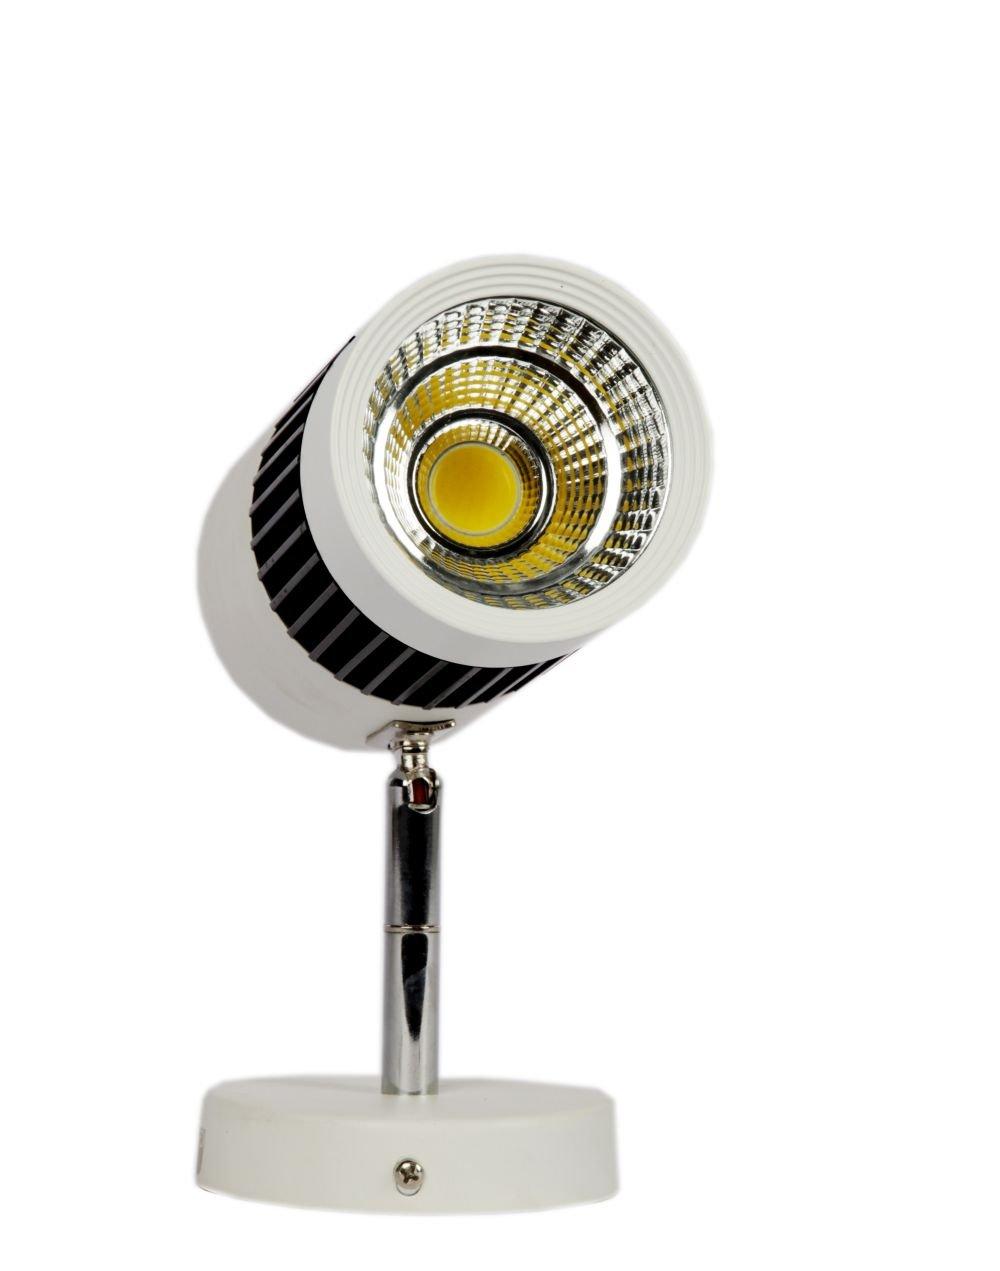 Glitz LED Spot Light 9w Warm white. 2700k Finest quality, Bright Light. With 1 year warranty